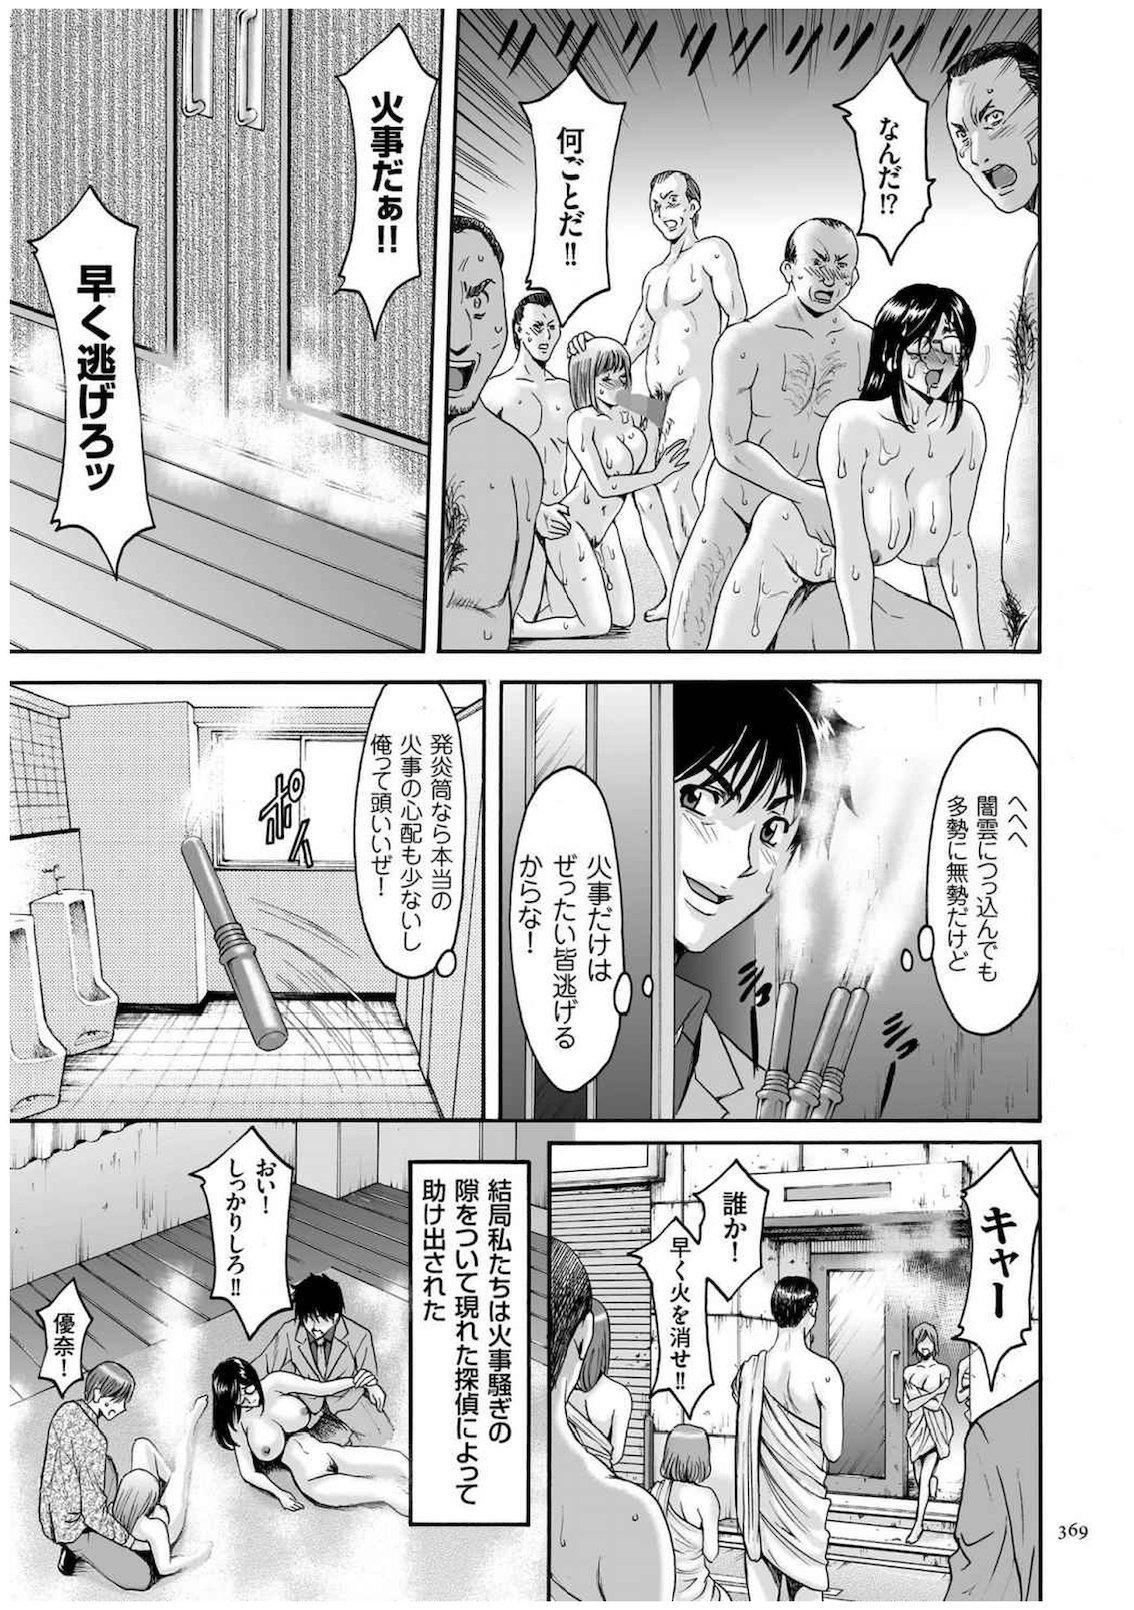 Sennyu Tsuma Satomi Kiroku 367